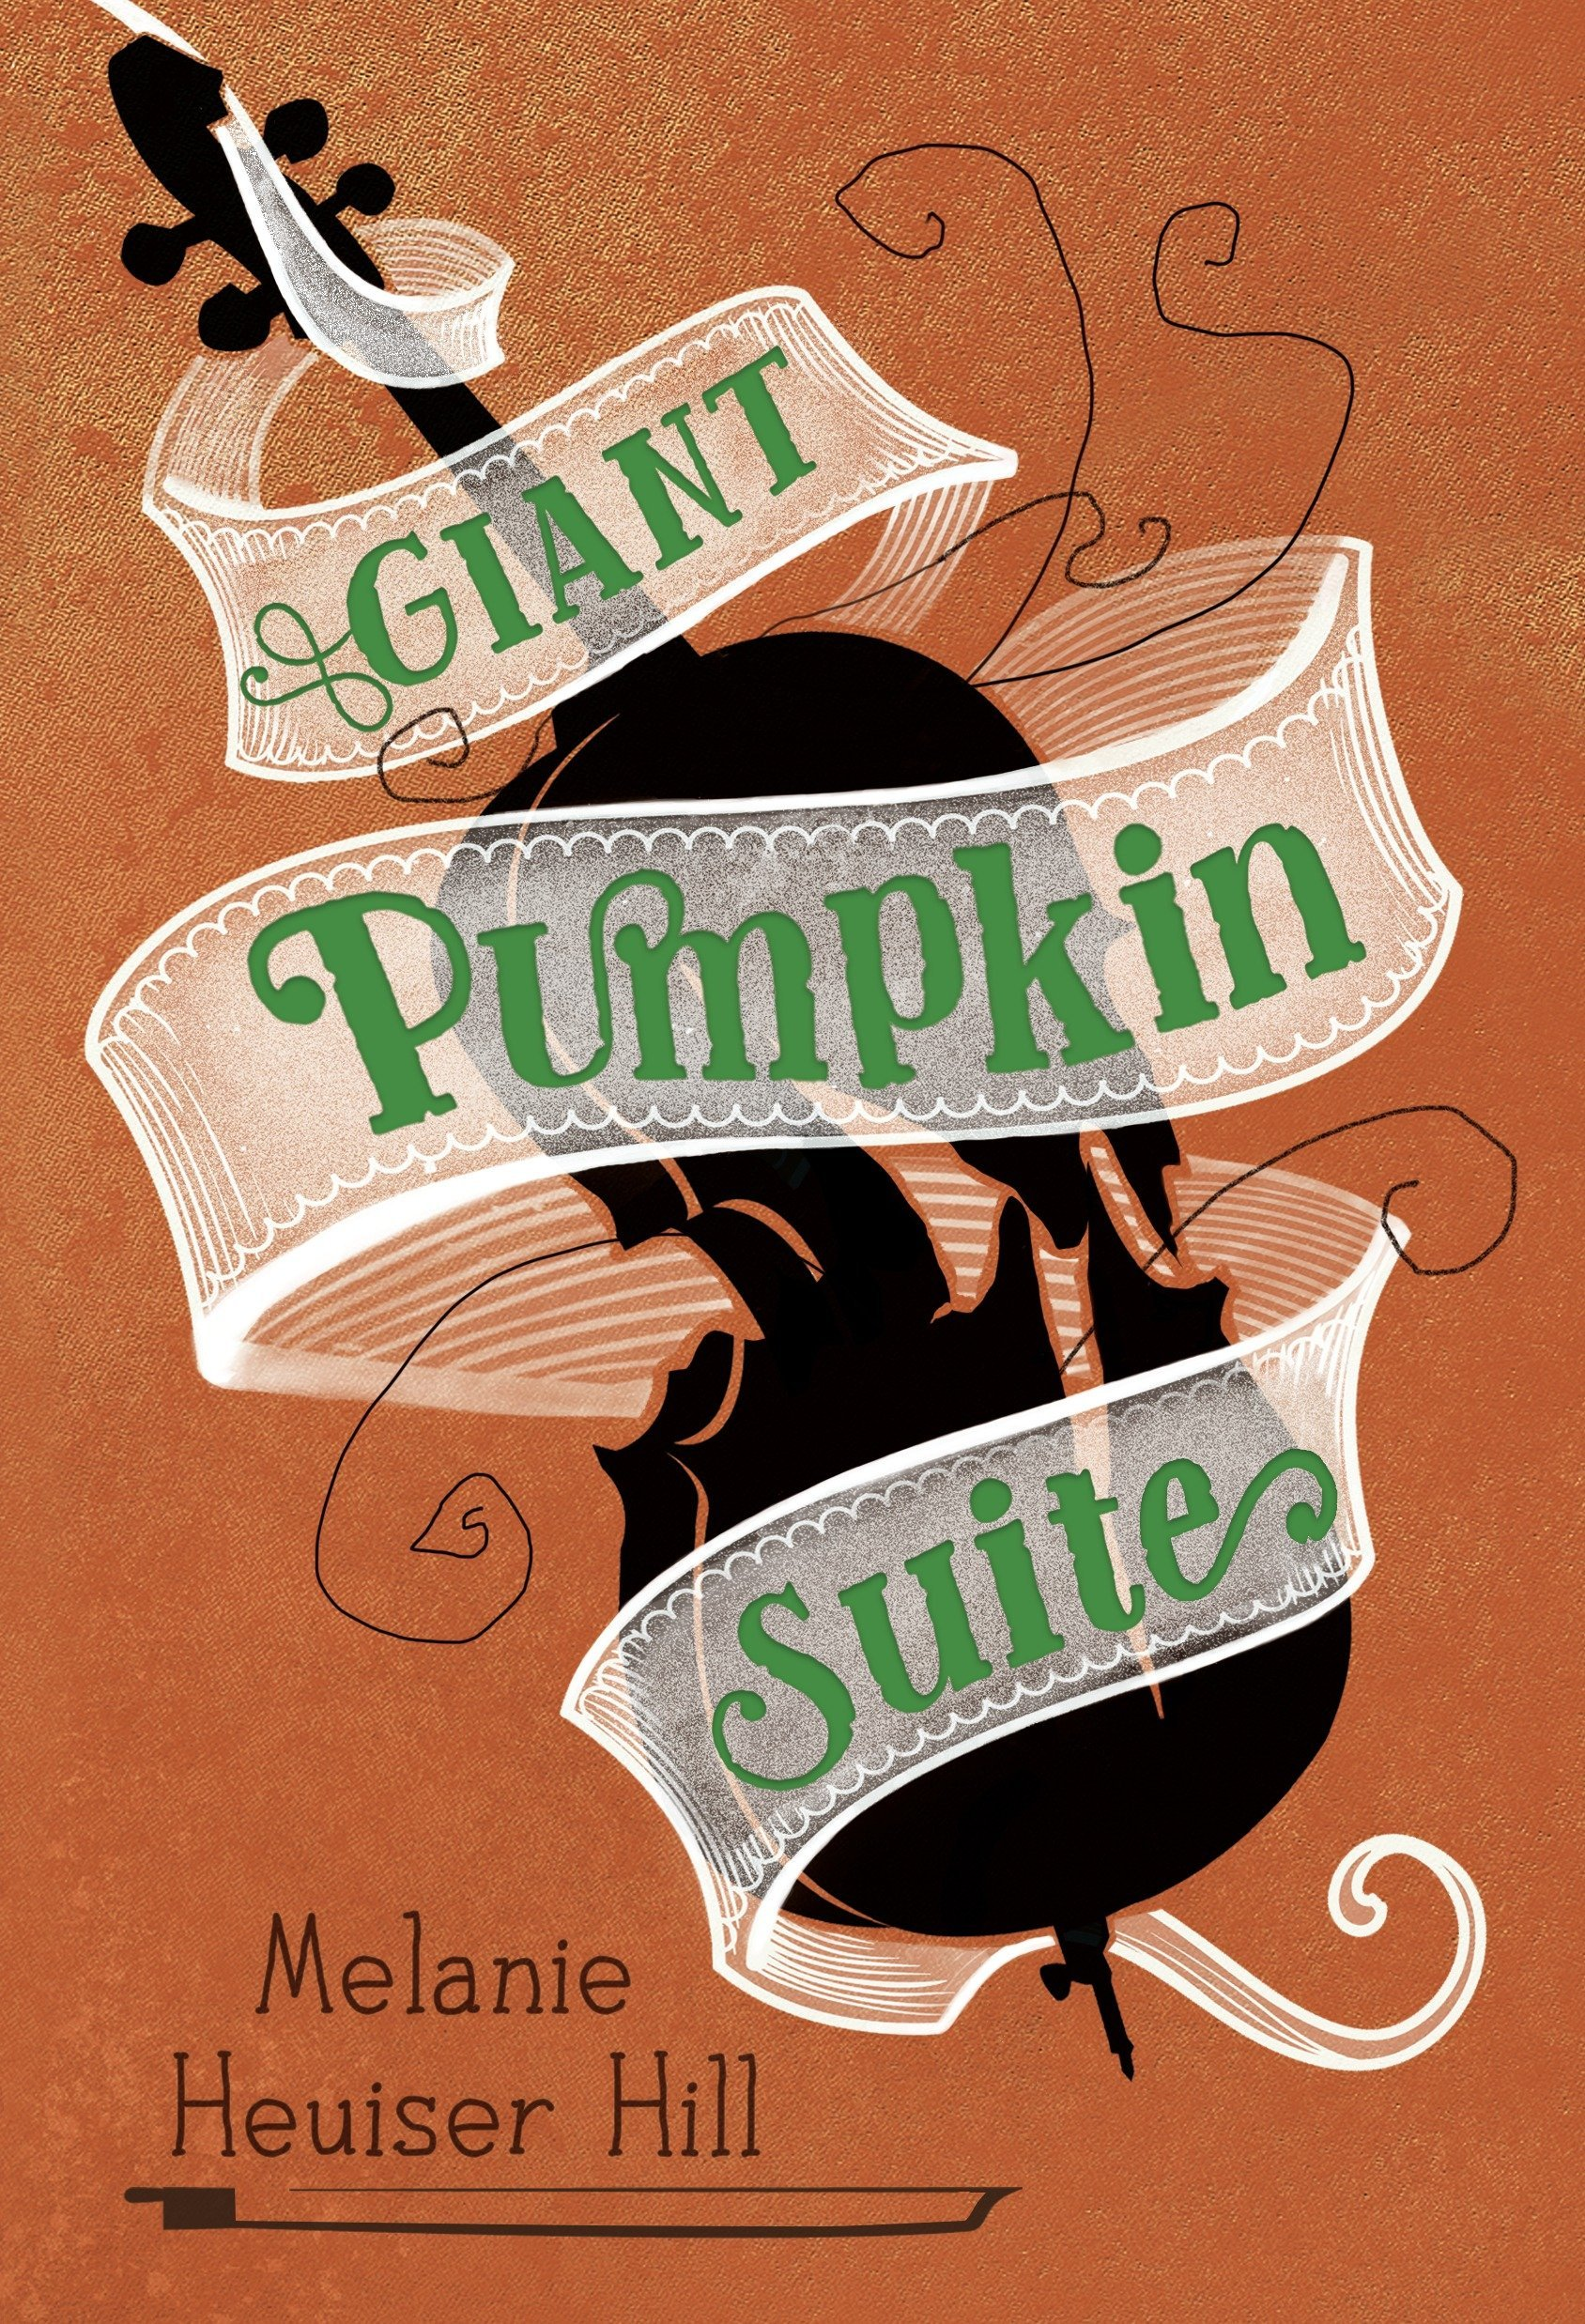 Hill, Melanie Heuiser - Giant Pumpkin Suite